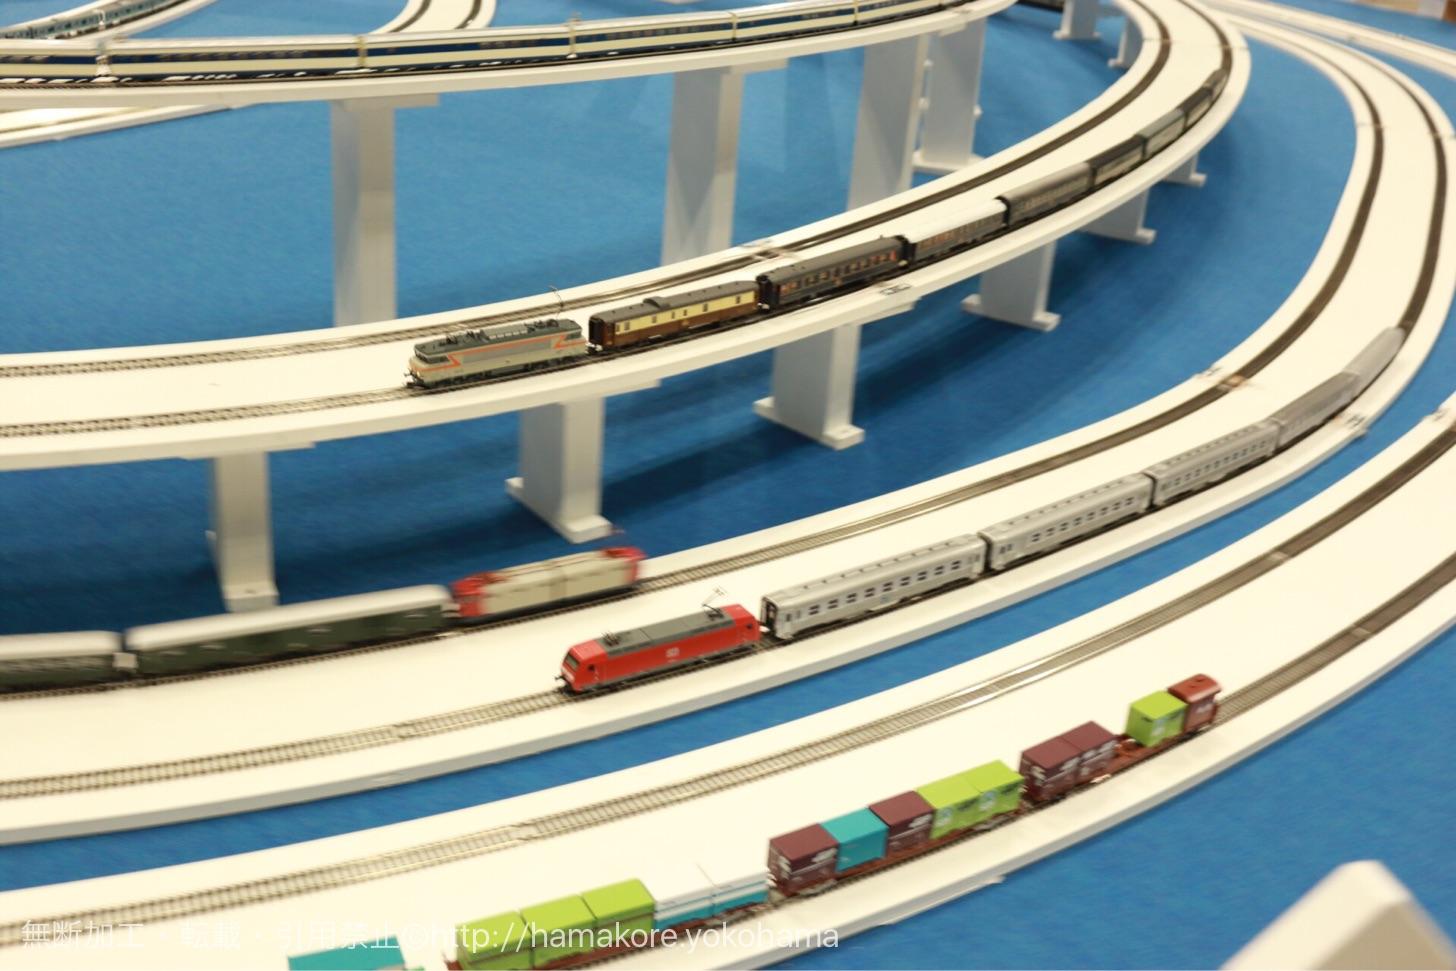 ジオラマ上の電車のすれ違い